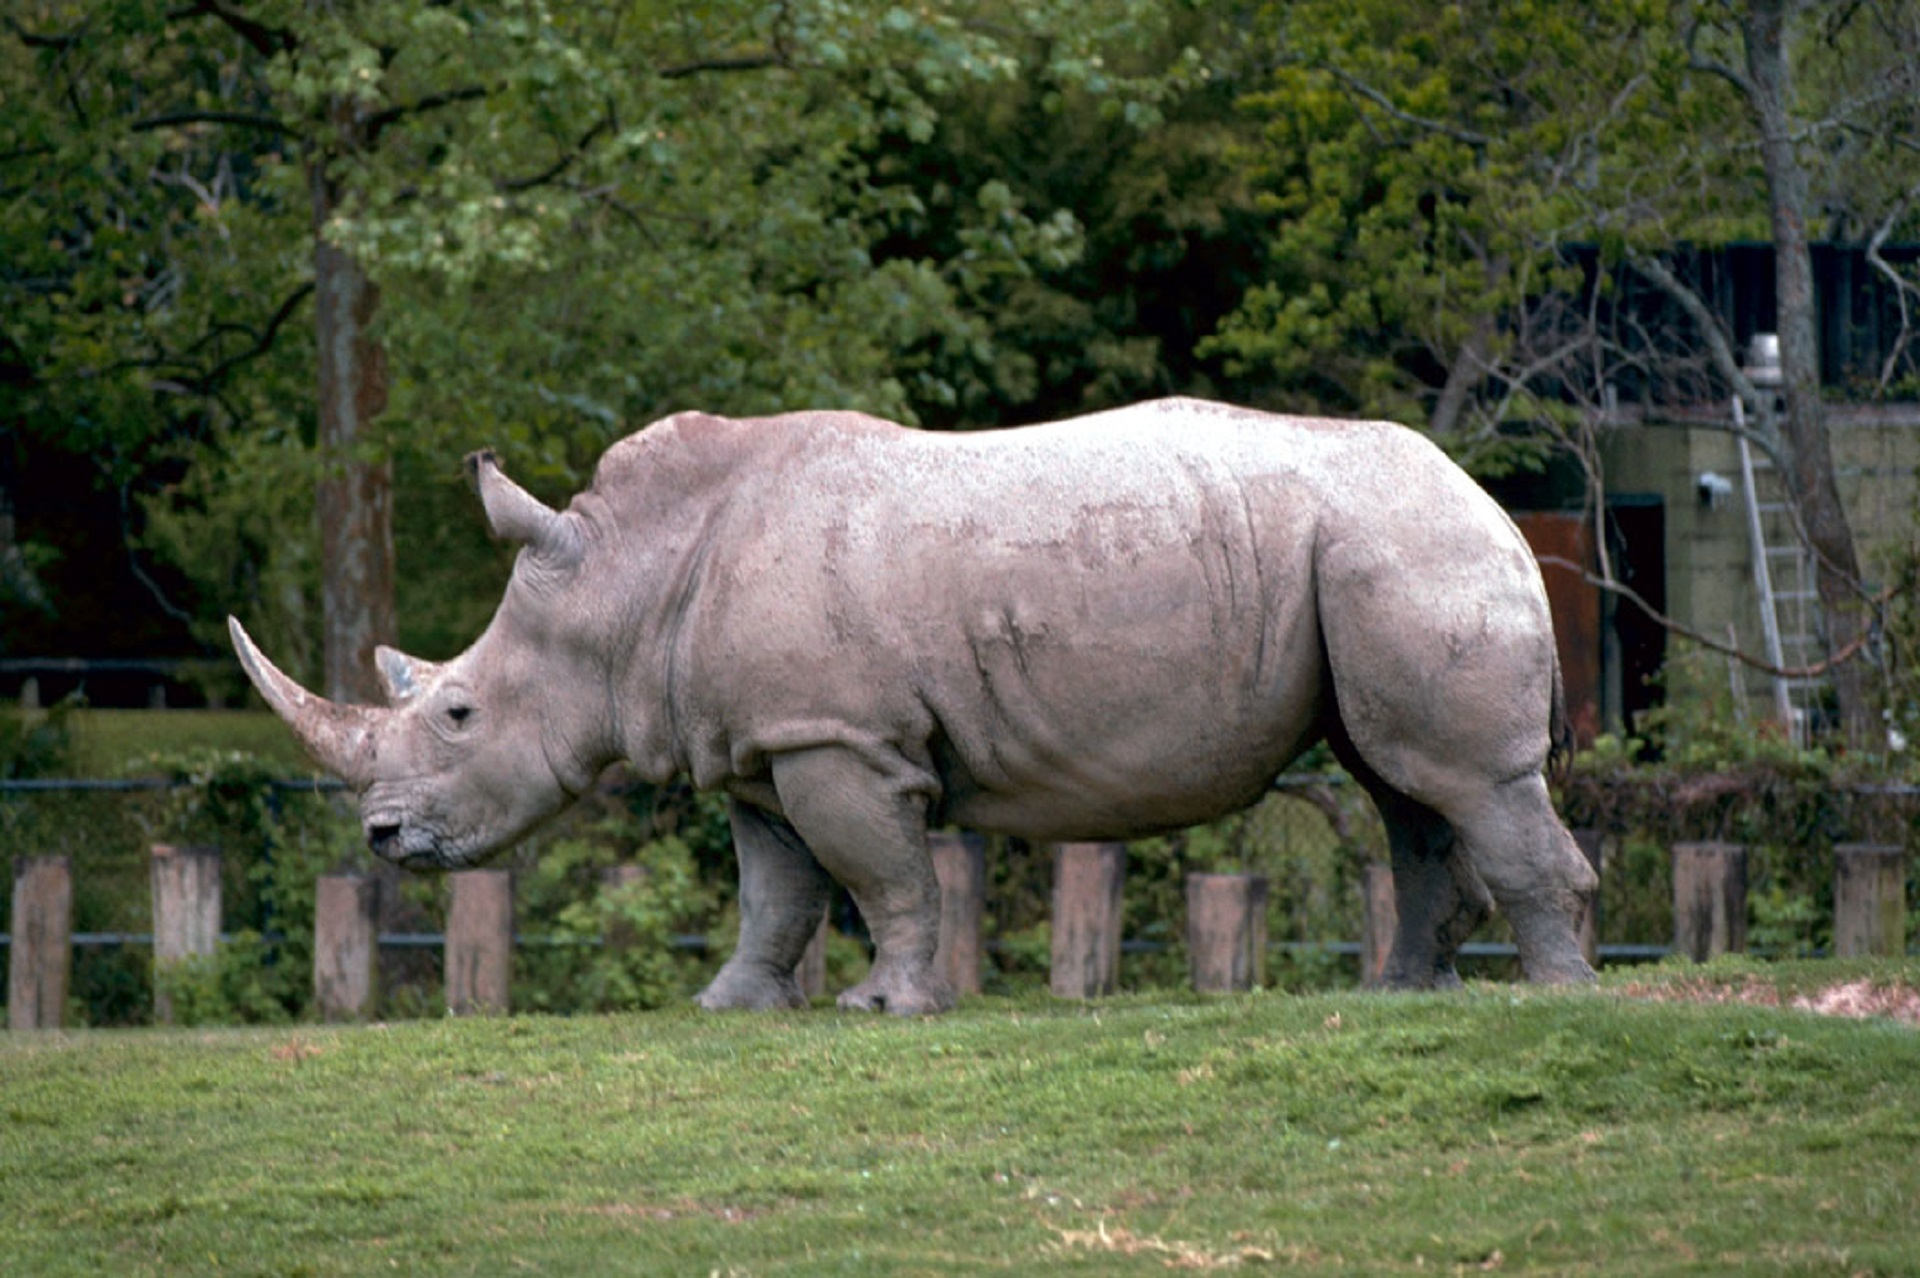 Free photo: Rhino in the Zoo - Wild, Zoo, Rhino - Free